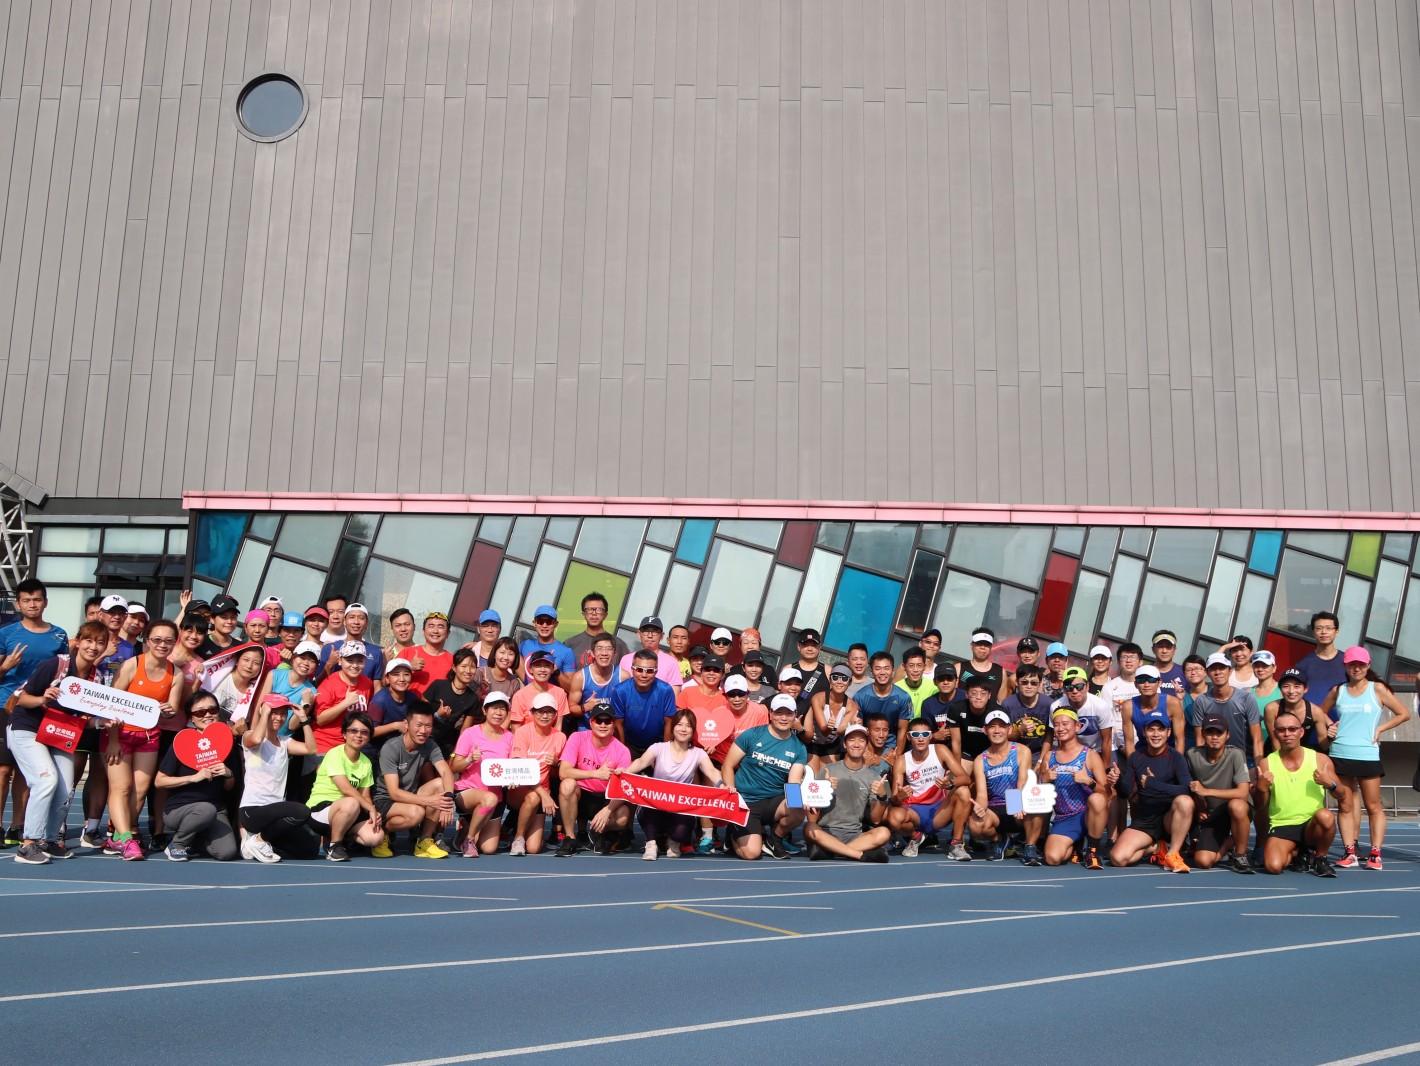 圖說五:跑者們各個活力滿滿意志堅強,希望讓臺灣再次奪得世界的目光